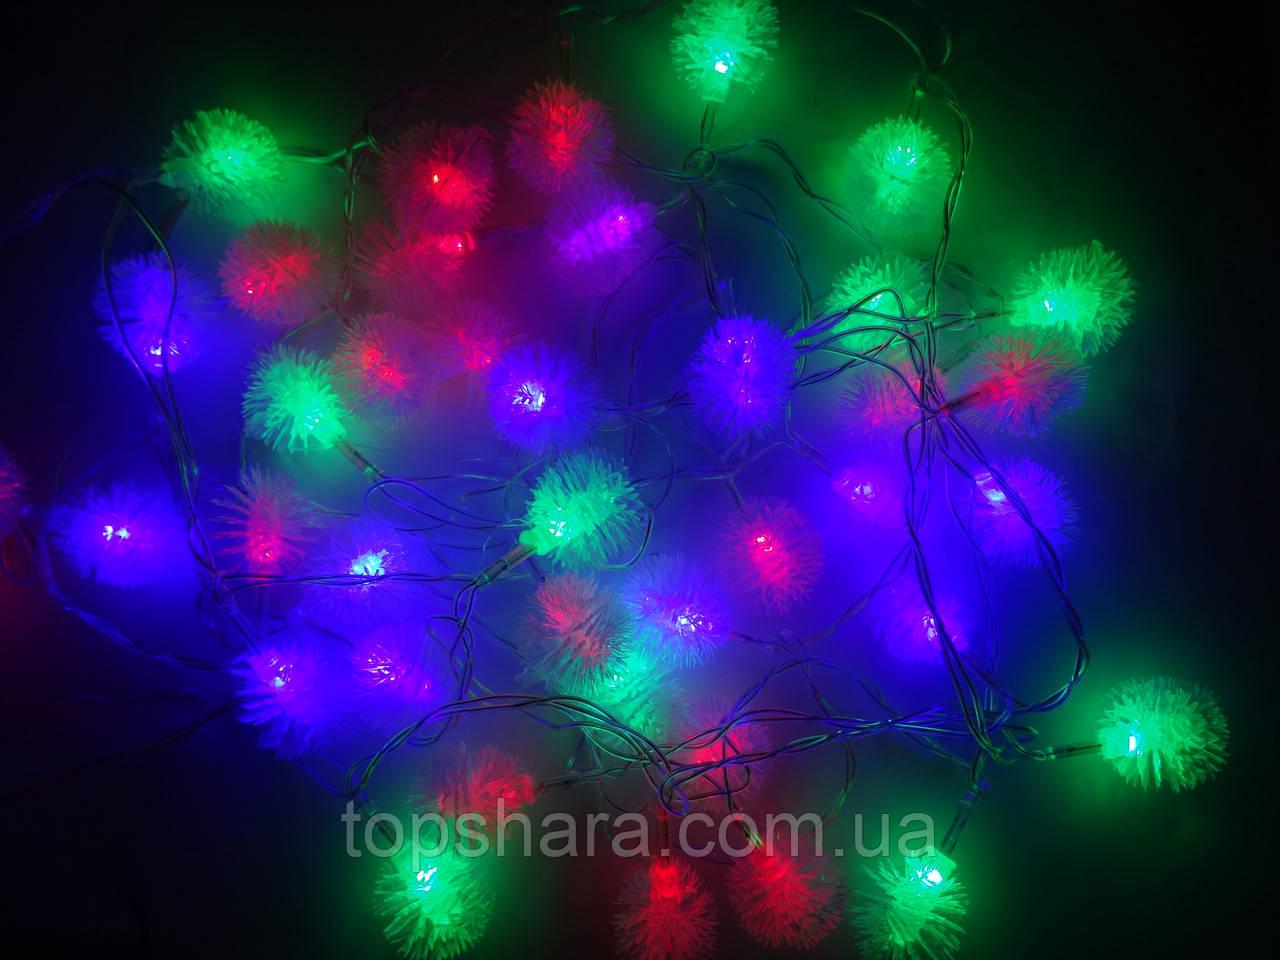 Светодиодная Гирлянда Ёжики Новогодняя на Елку 3 м  20 LED Мульти